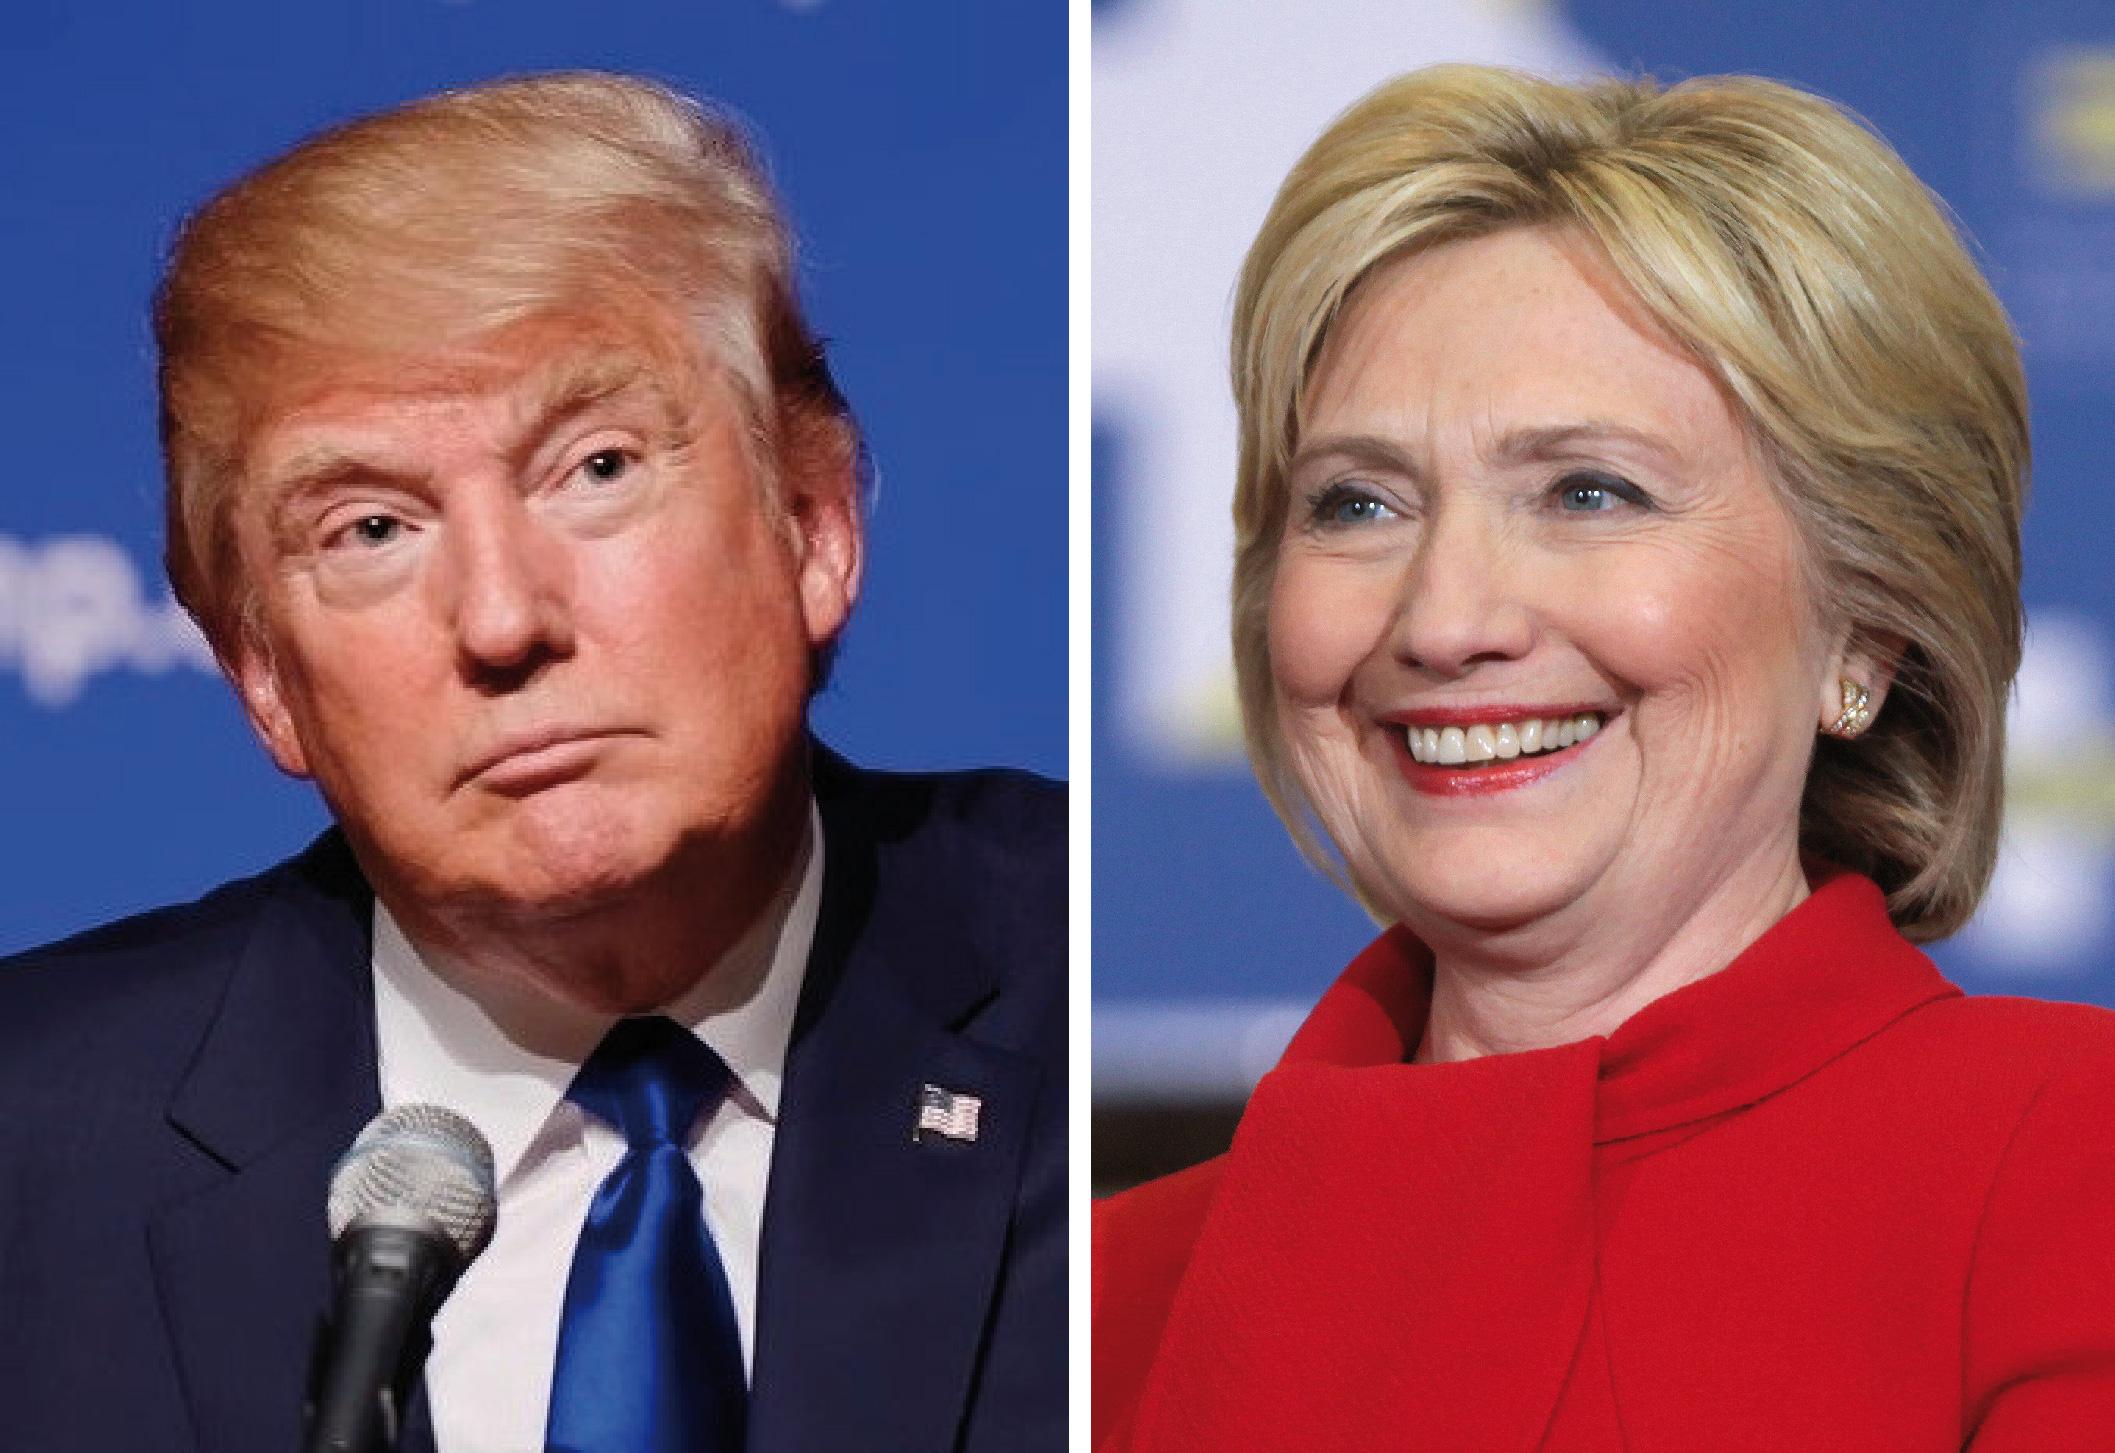 Hillary Clinton et Donald Trump se sont affrontés lors d'un débat télévisé, durant lequel l'asymétrie de compétences entre les deux candidats a été flagrante. Cependant, la course reste très serrée.